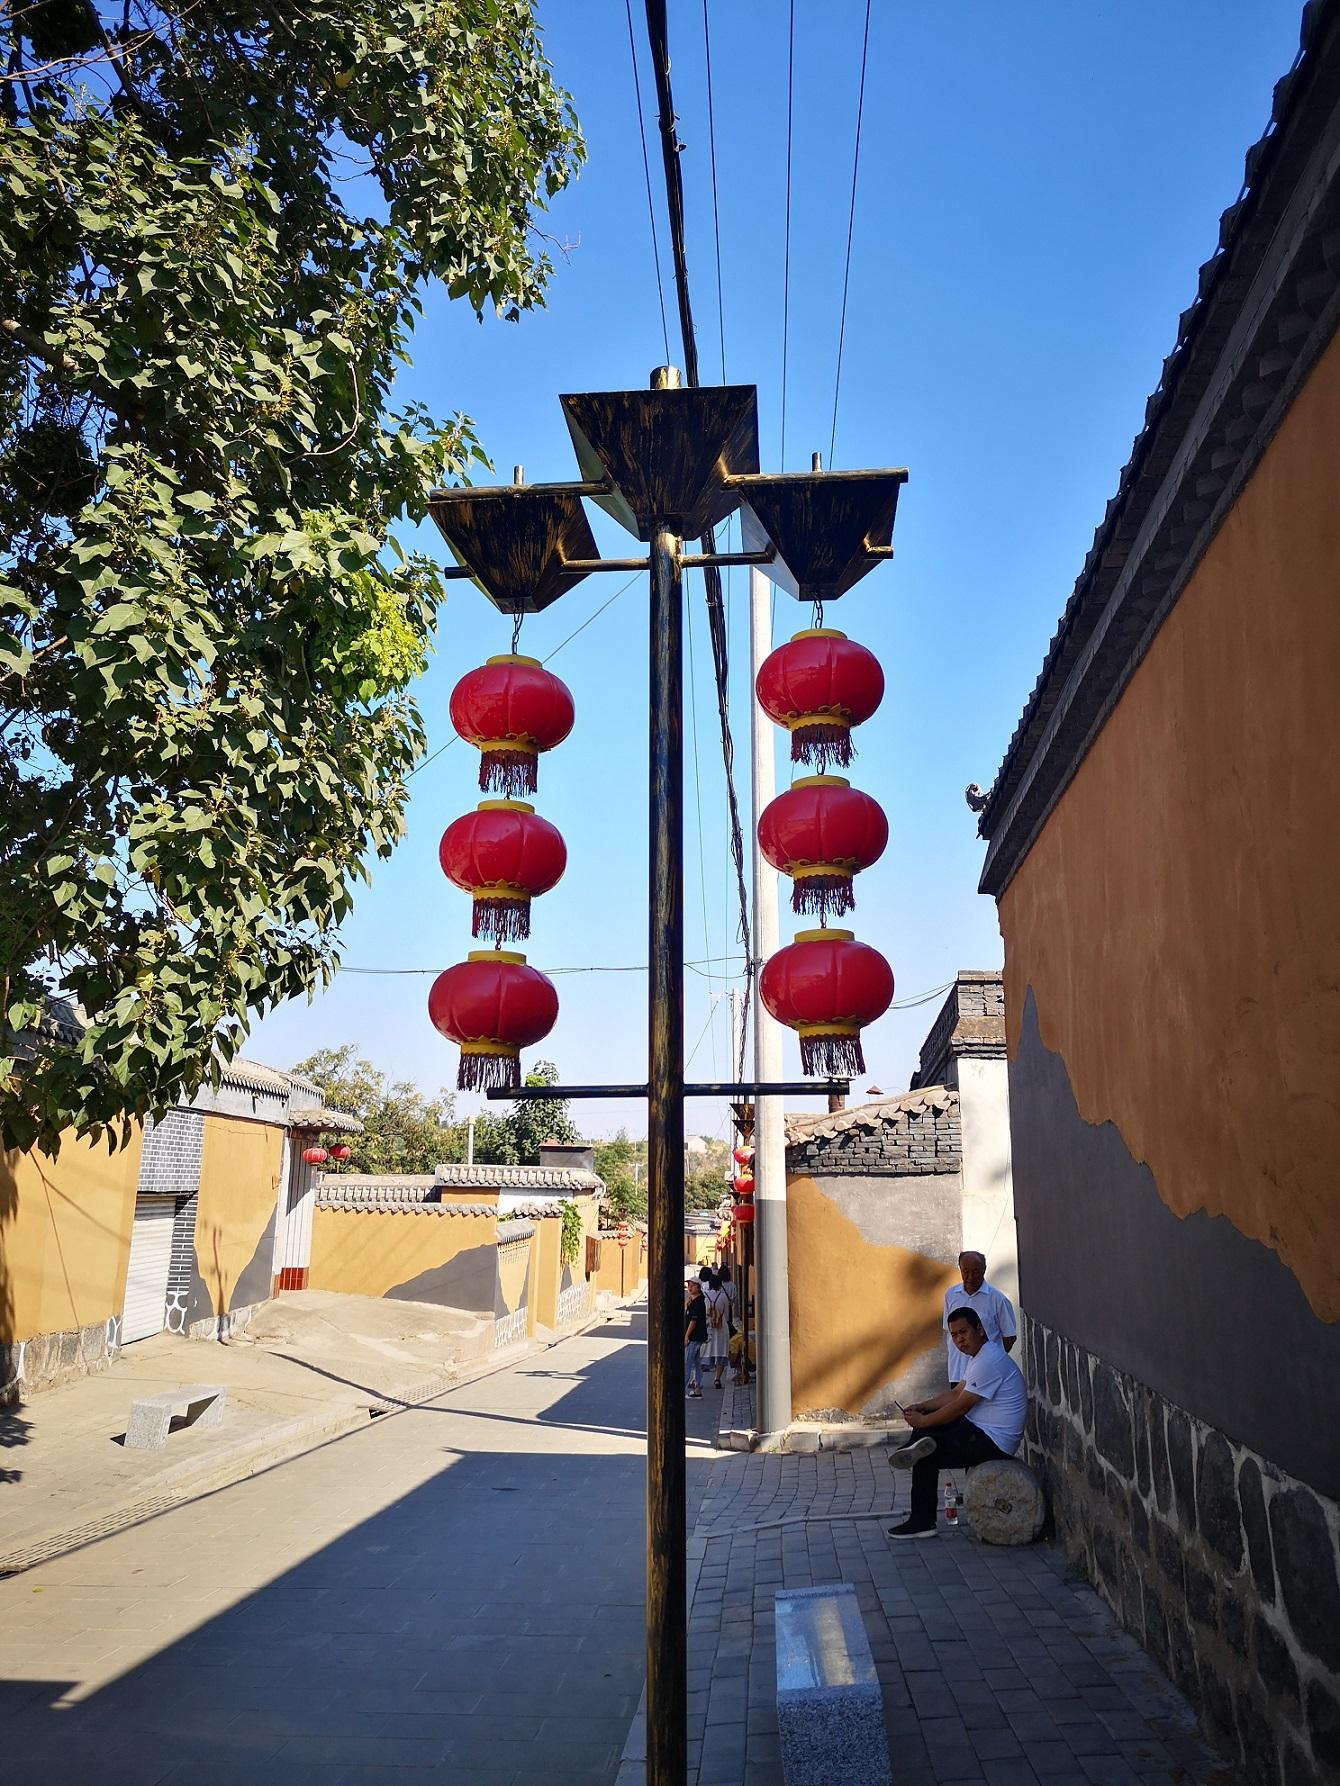 旅发景点抢先看!井陉矿区美景令人向往-中国网地产